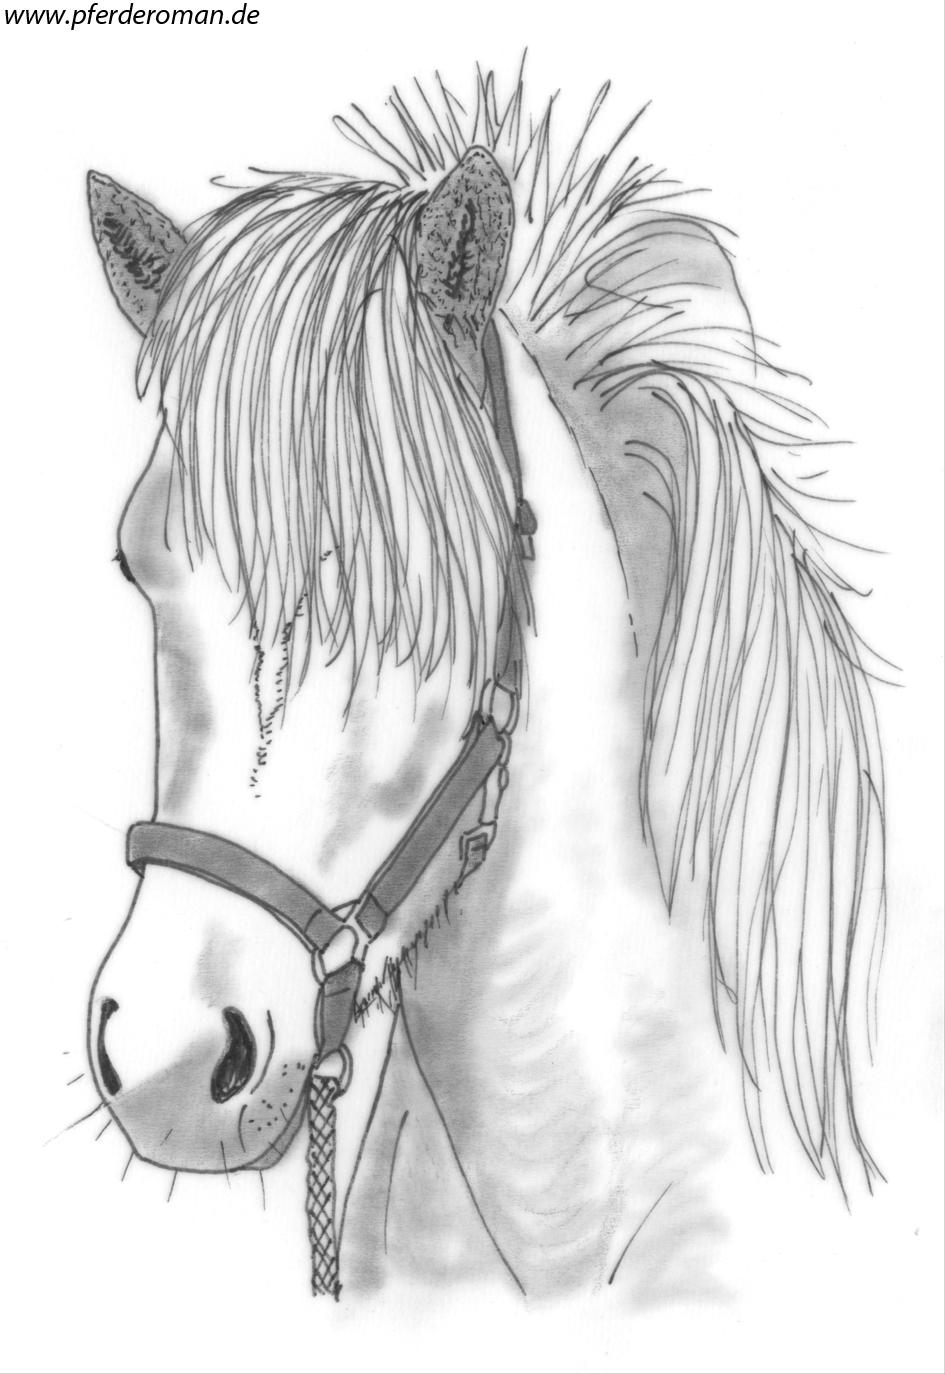 Kostenloste Pferdebilder Zum Ausmalen mit Pferdebilder Zum Ausmalen Und Kostenlos Ausdrucken